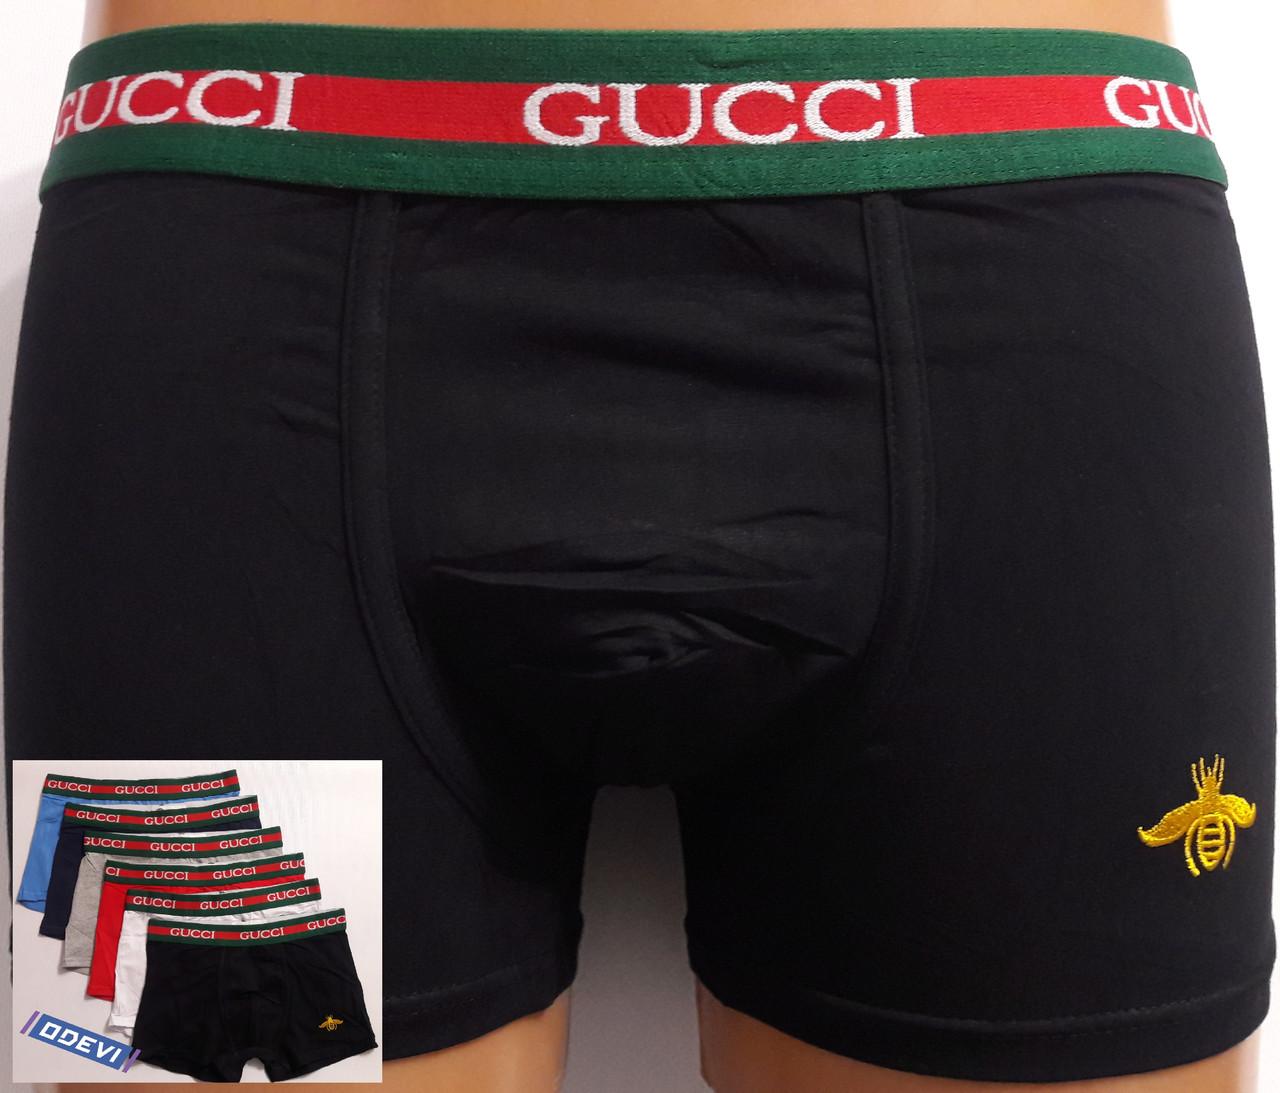 Копия трусов Gucci хлопок фабричный Китай чёрный цвет